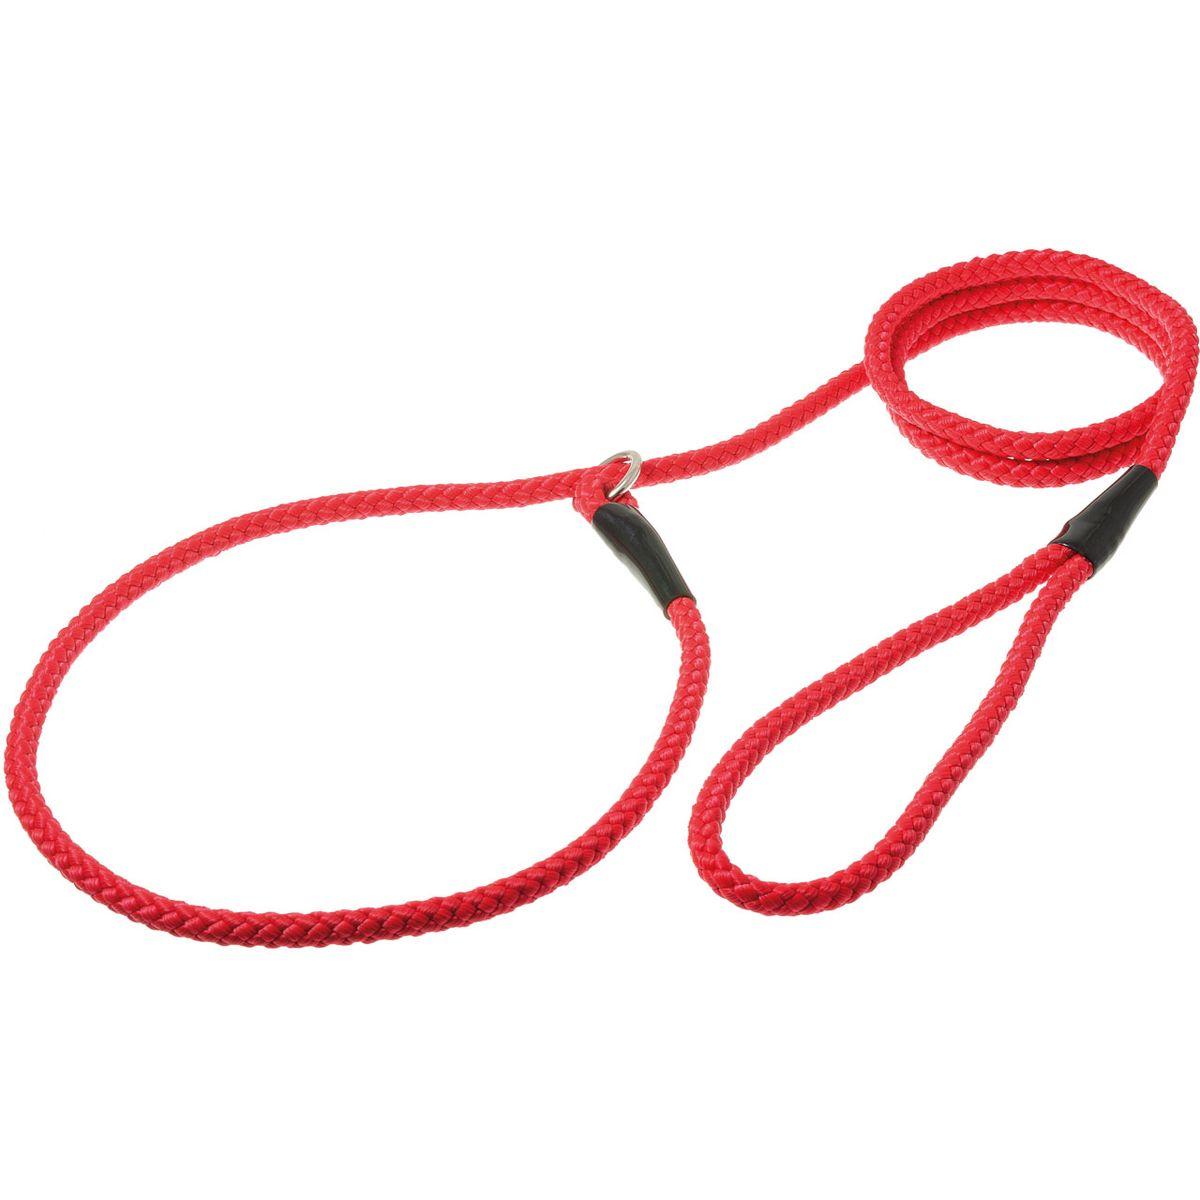 Поводок для собак V.I.Pet, цвет: красный, диаметр 8 мм, длина 1,7 м0120710Поводок-удавка V.I.Pet состоит из петли с фиксатором и, собственно, поводка. Является самым распространенным видом выставочной амуниции. Подходит также для повседневного использования.